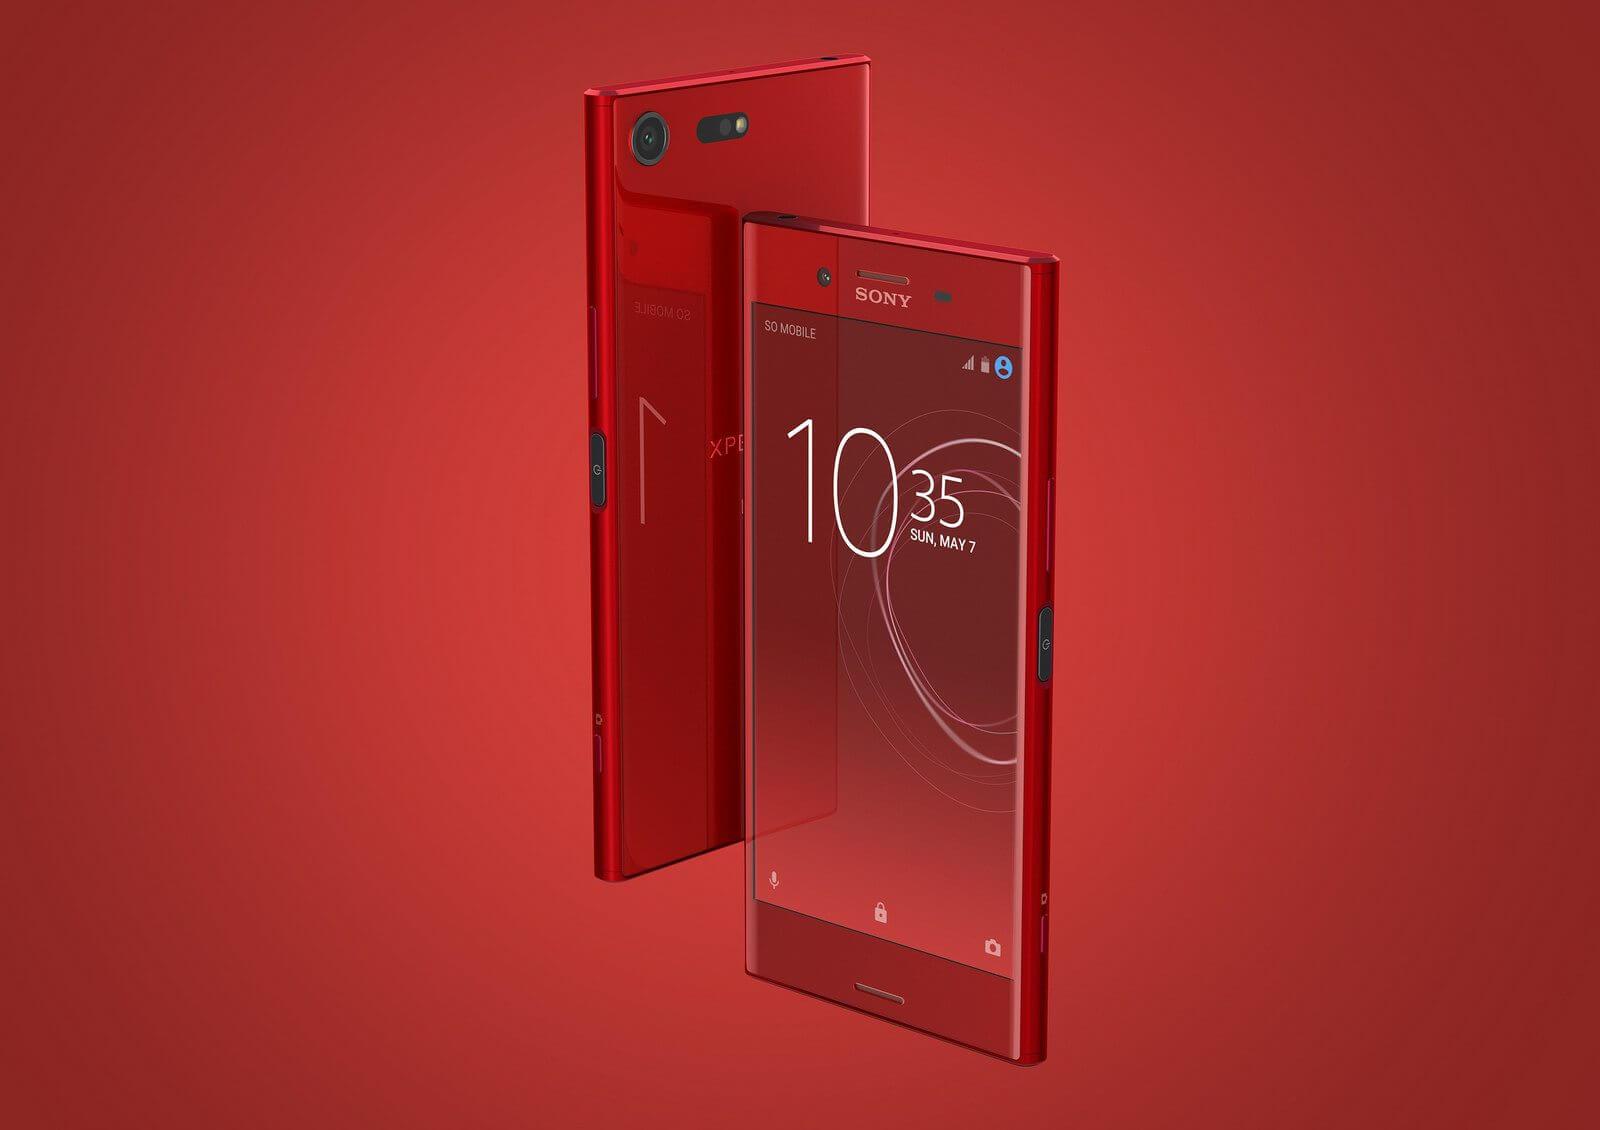 37066364624 e2d3e89c97 h - Xperia XZ Premium começa a receber o Android Oreo